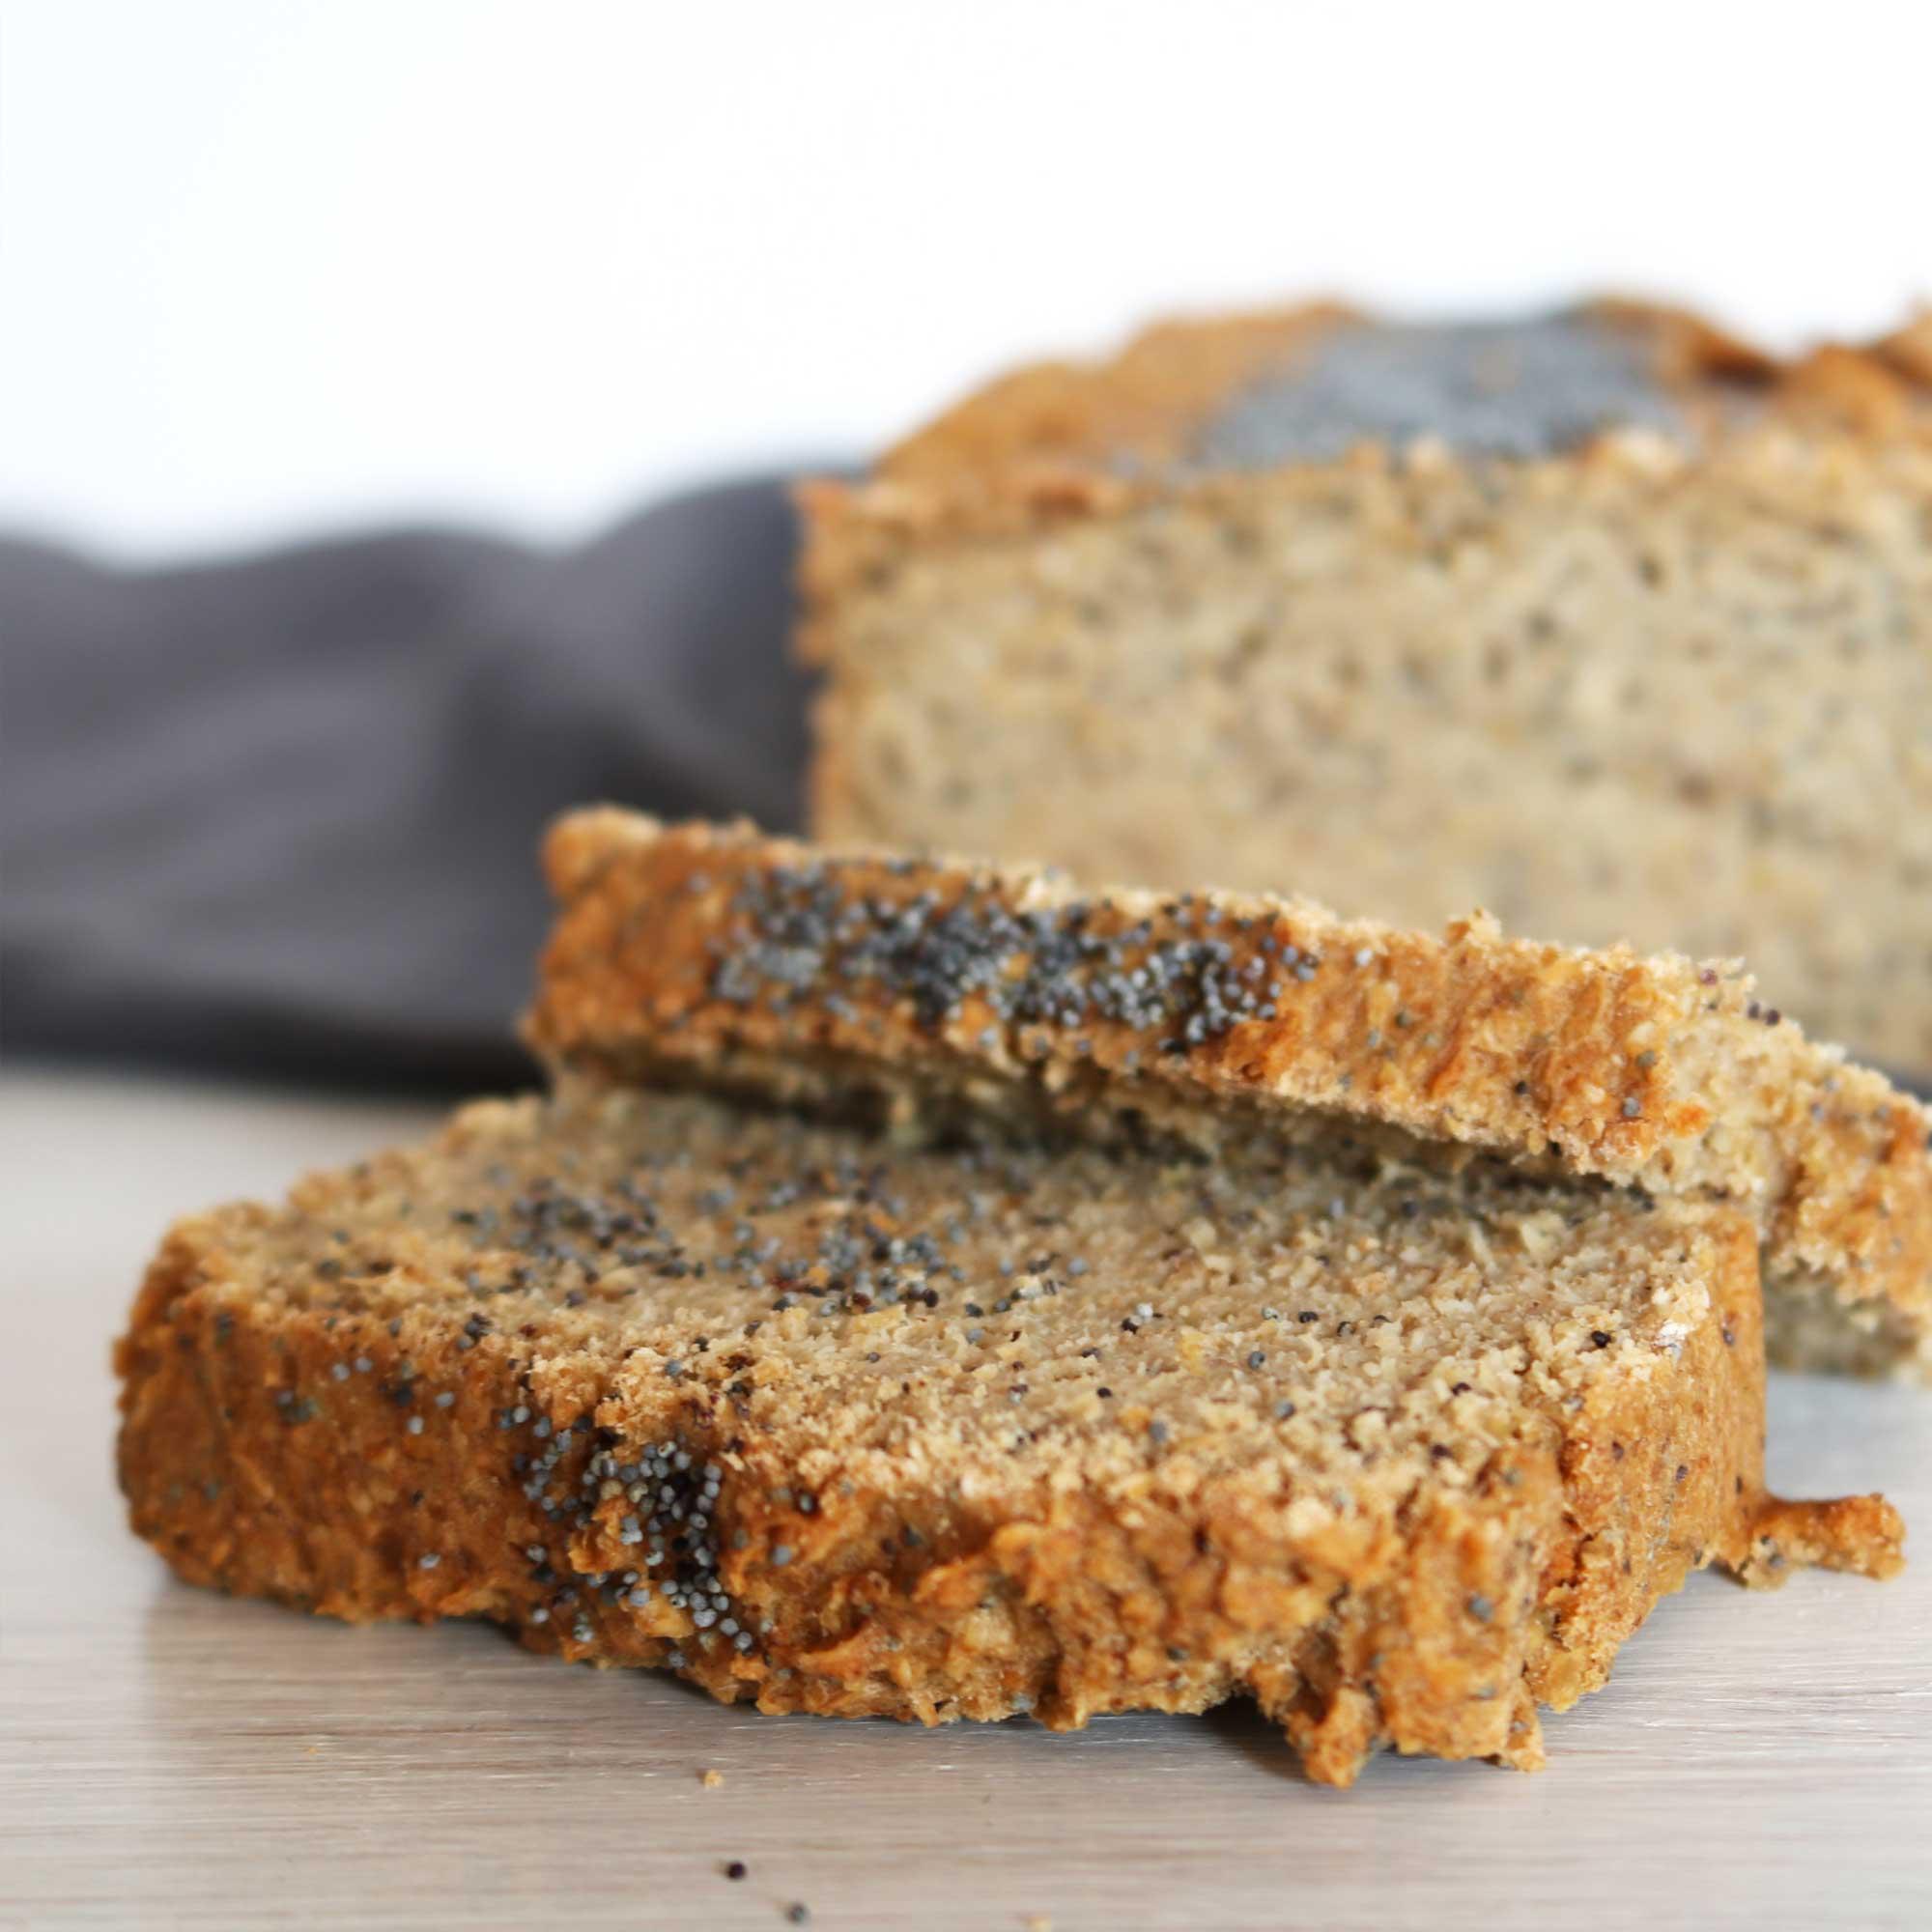 Pan de Avena Sin gluten con semillas de amapola